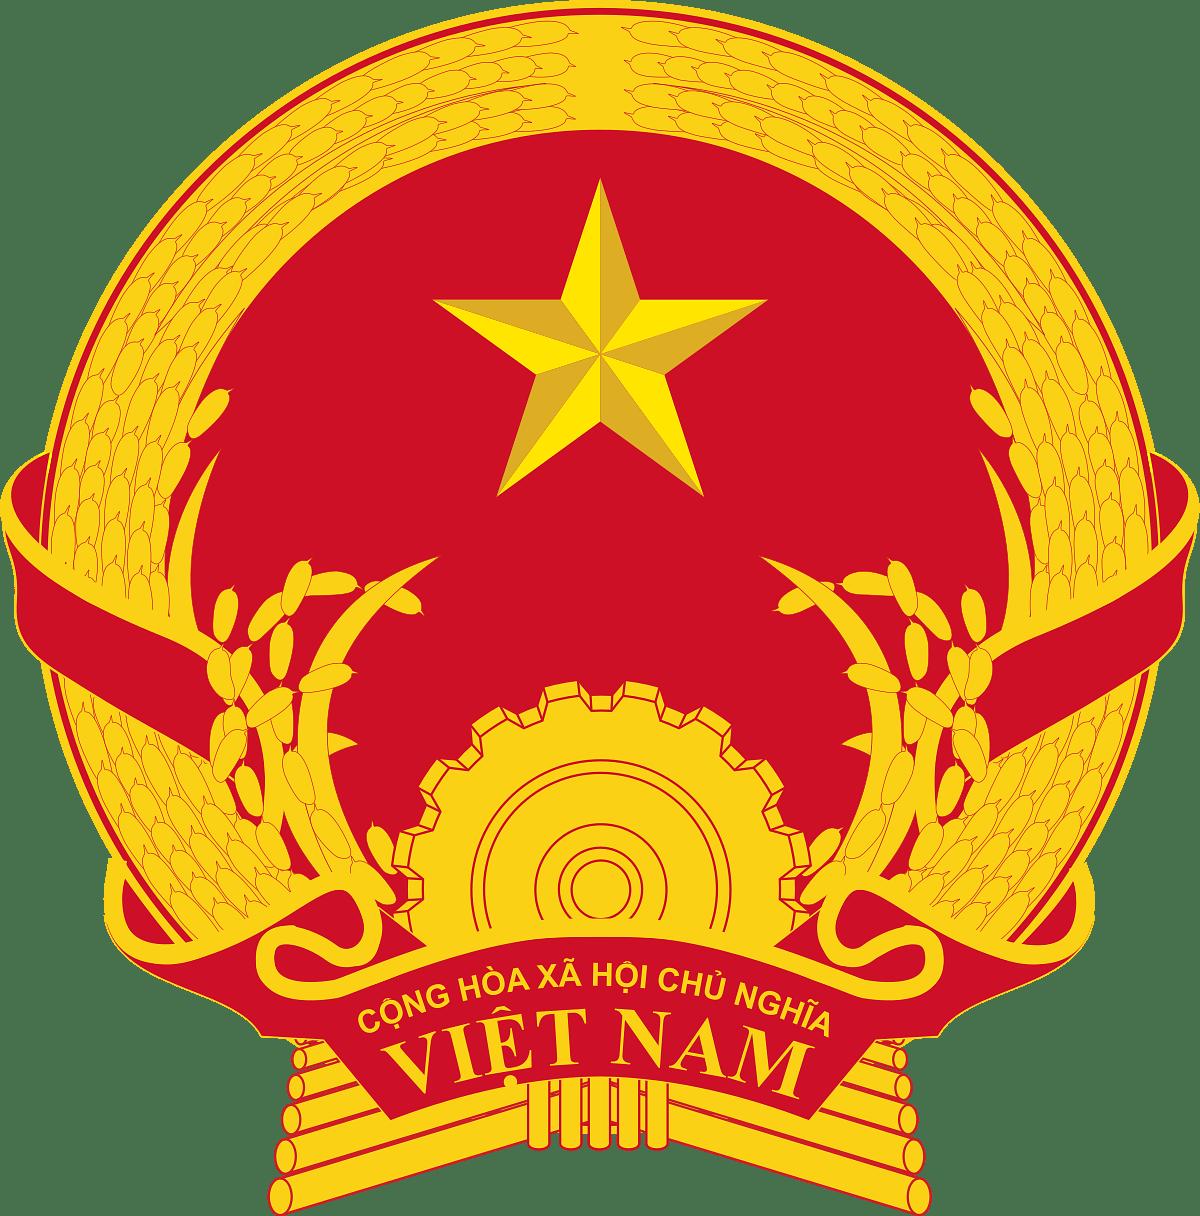 Vietnam Hikes AD Duty on Aluminium Imports from China